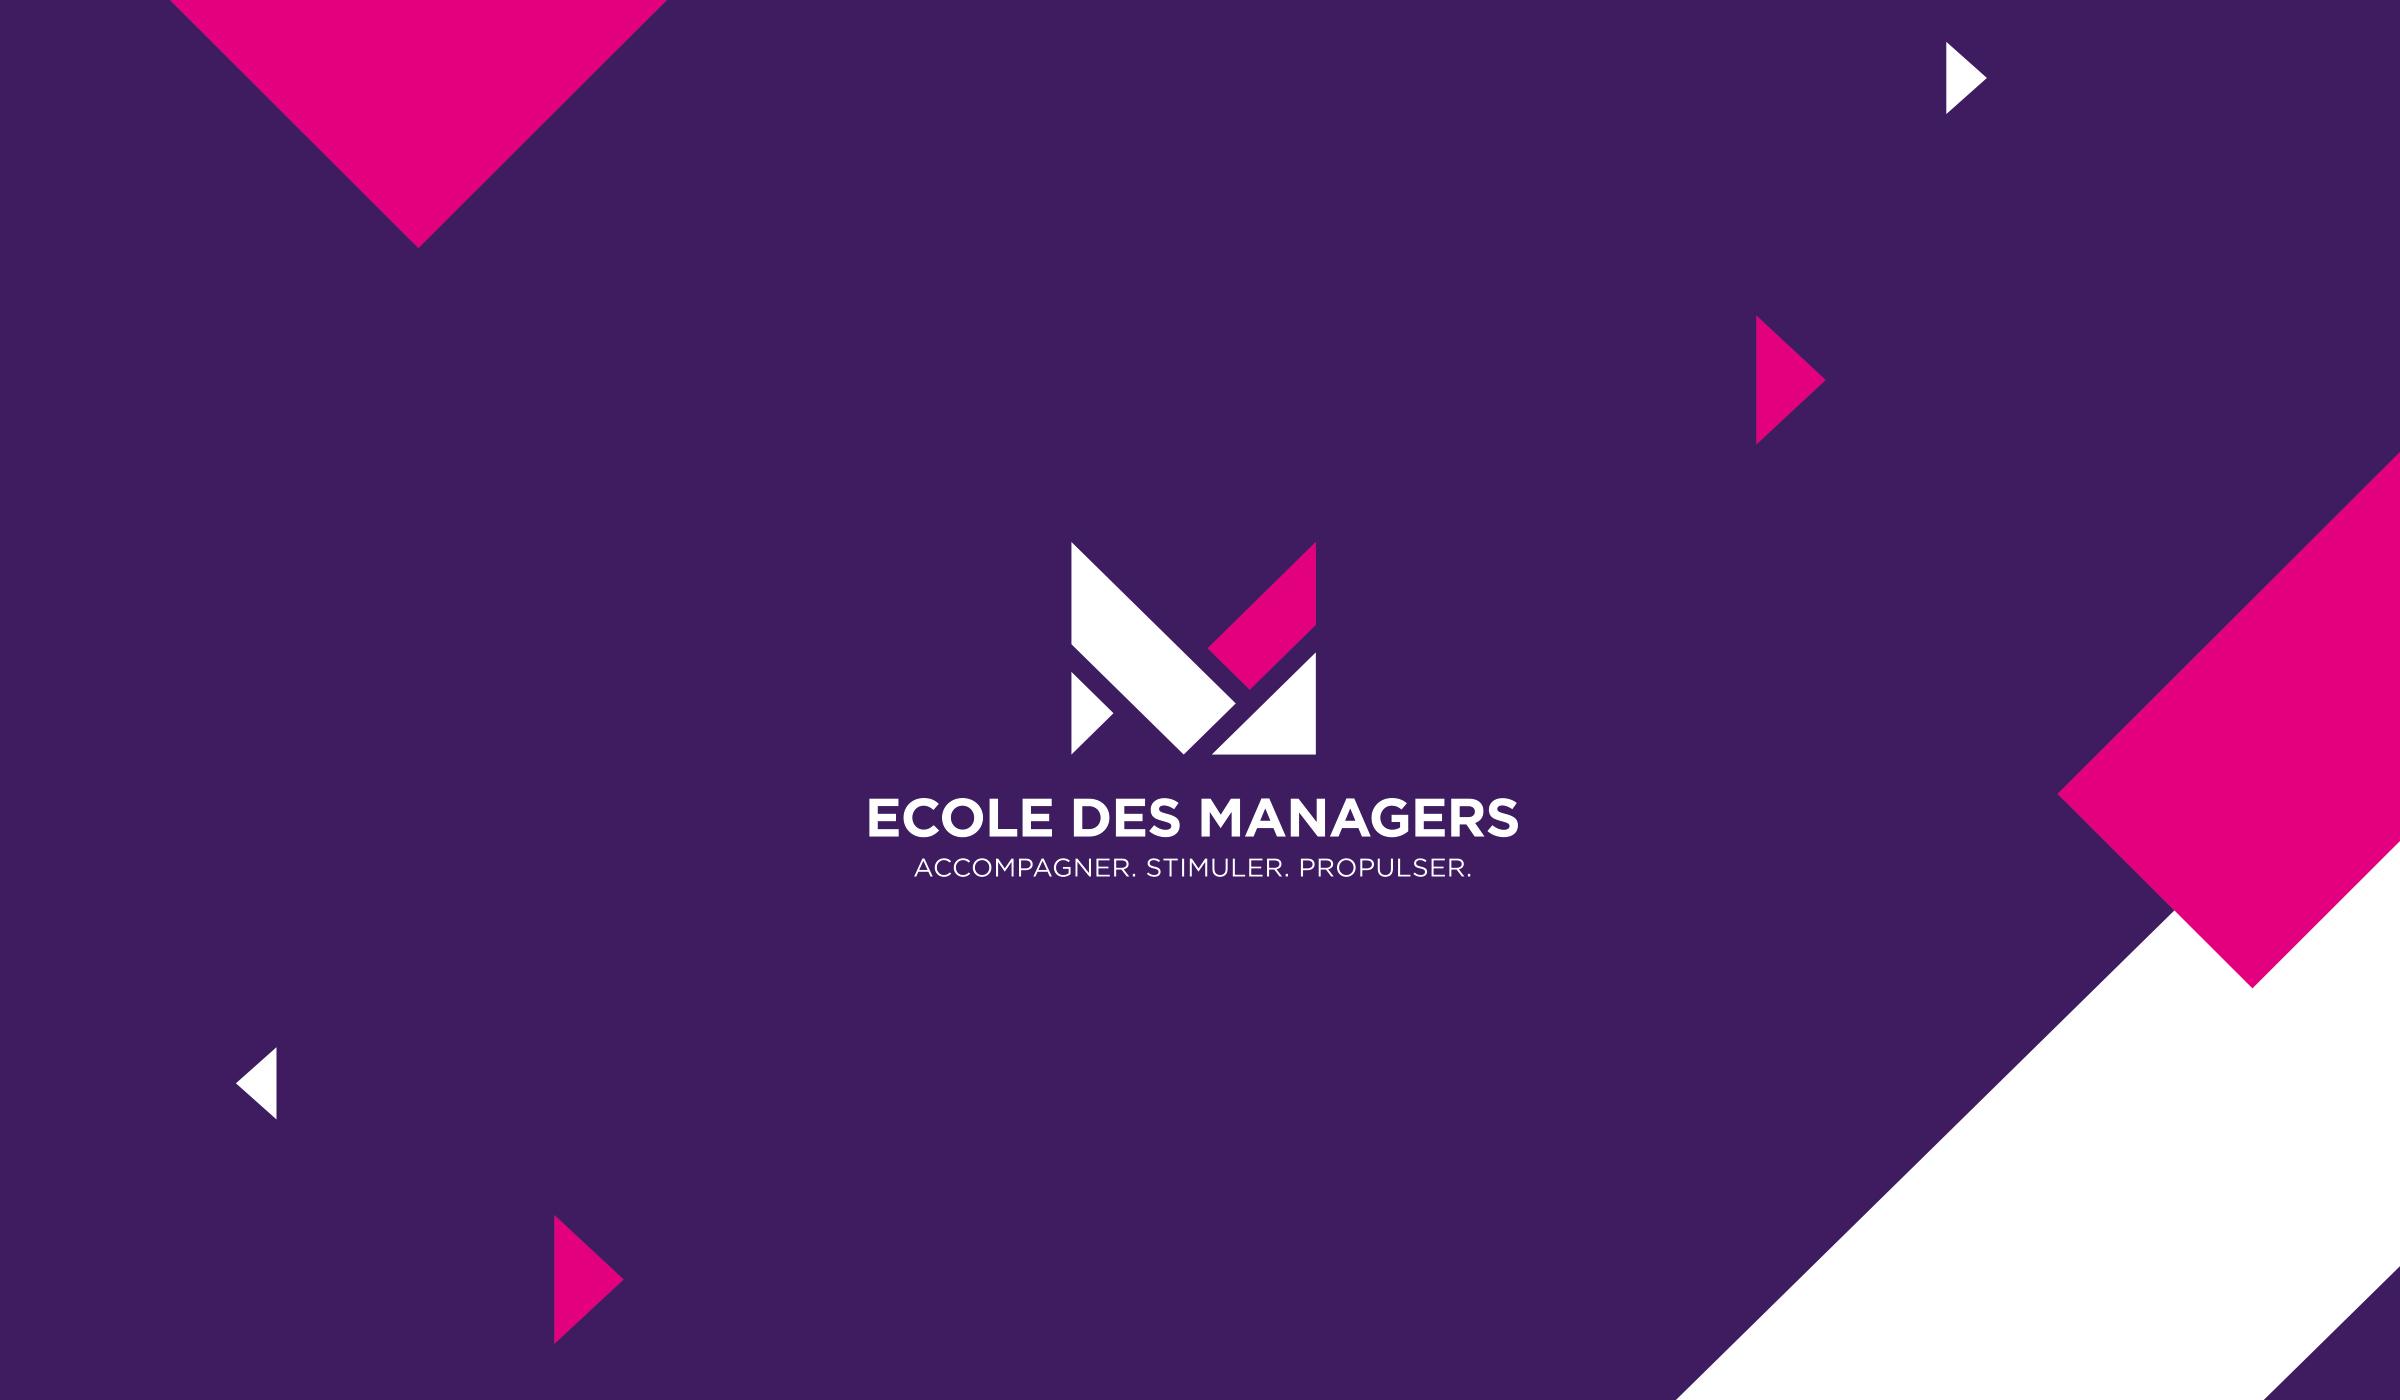 Ecole des managers